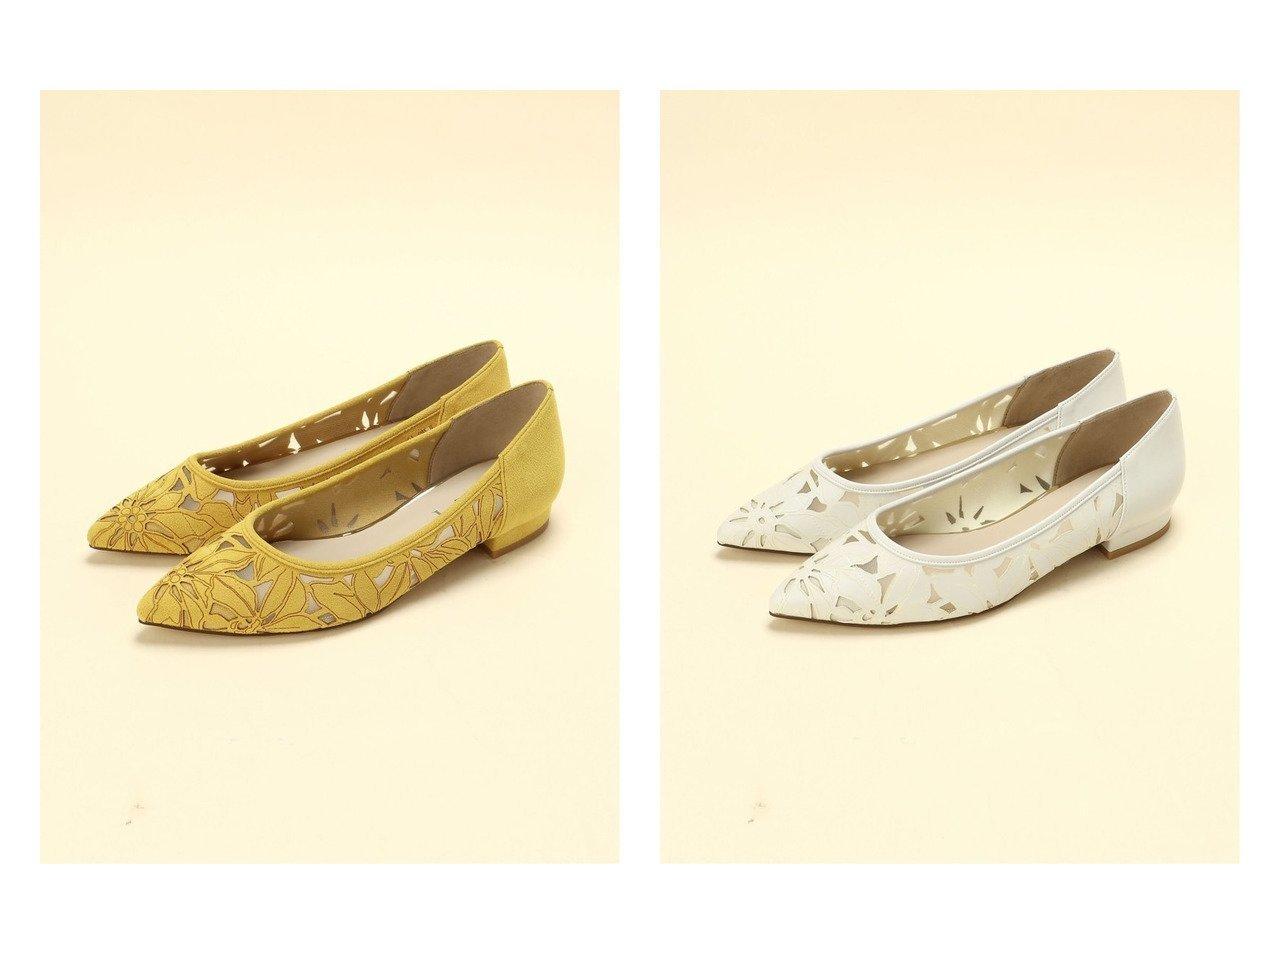 【Le Talon/ル タロン】の2.5cmフラワーカットワークFT(22-25) 【シューズ・靴】おすすめ!人気トレンド・レディースファッションの通販  おすすめで人気の流行・トレンド、ファッションの通販商品 メンズファッション・キッズファッション・インテリア・家具・レディースファッション・服の通販 founy(ファニー) https://founy.com/ ファッション Fashion レディースファッション WOMEN 2020年 2020 2020春夏・S/S SS・Spring/Summer/2020 S/S・春夏 SS・Spring/Summer インソール クッション シューズ チュール フラット ワーク 春 Spring |ID:crp329100000029631